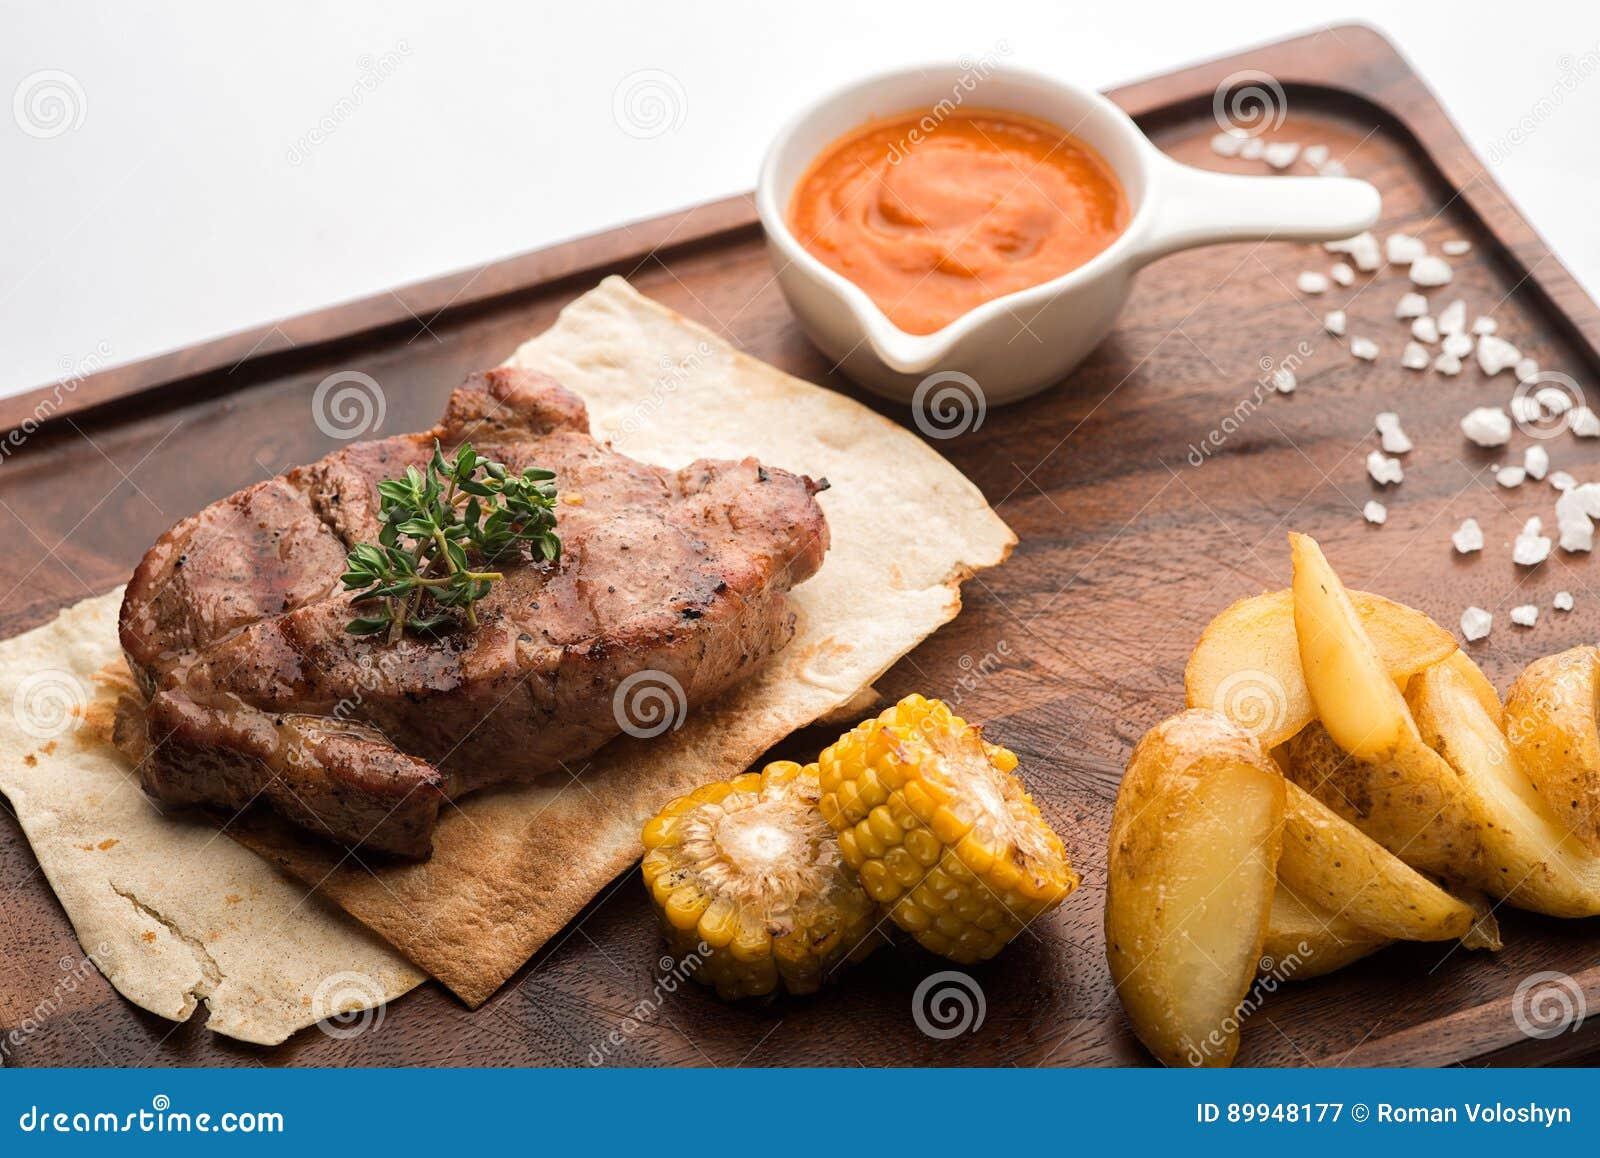 Bifteck de porc sur un pain pita